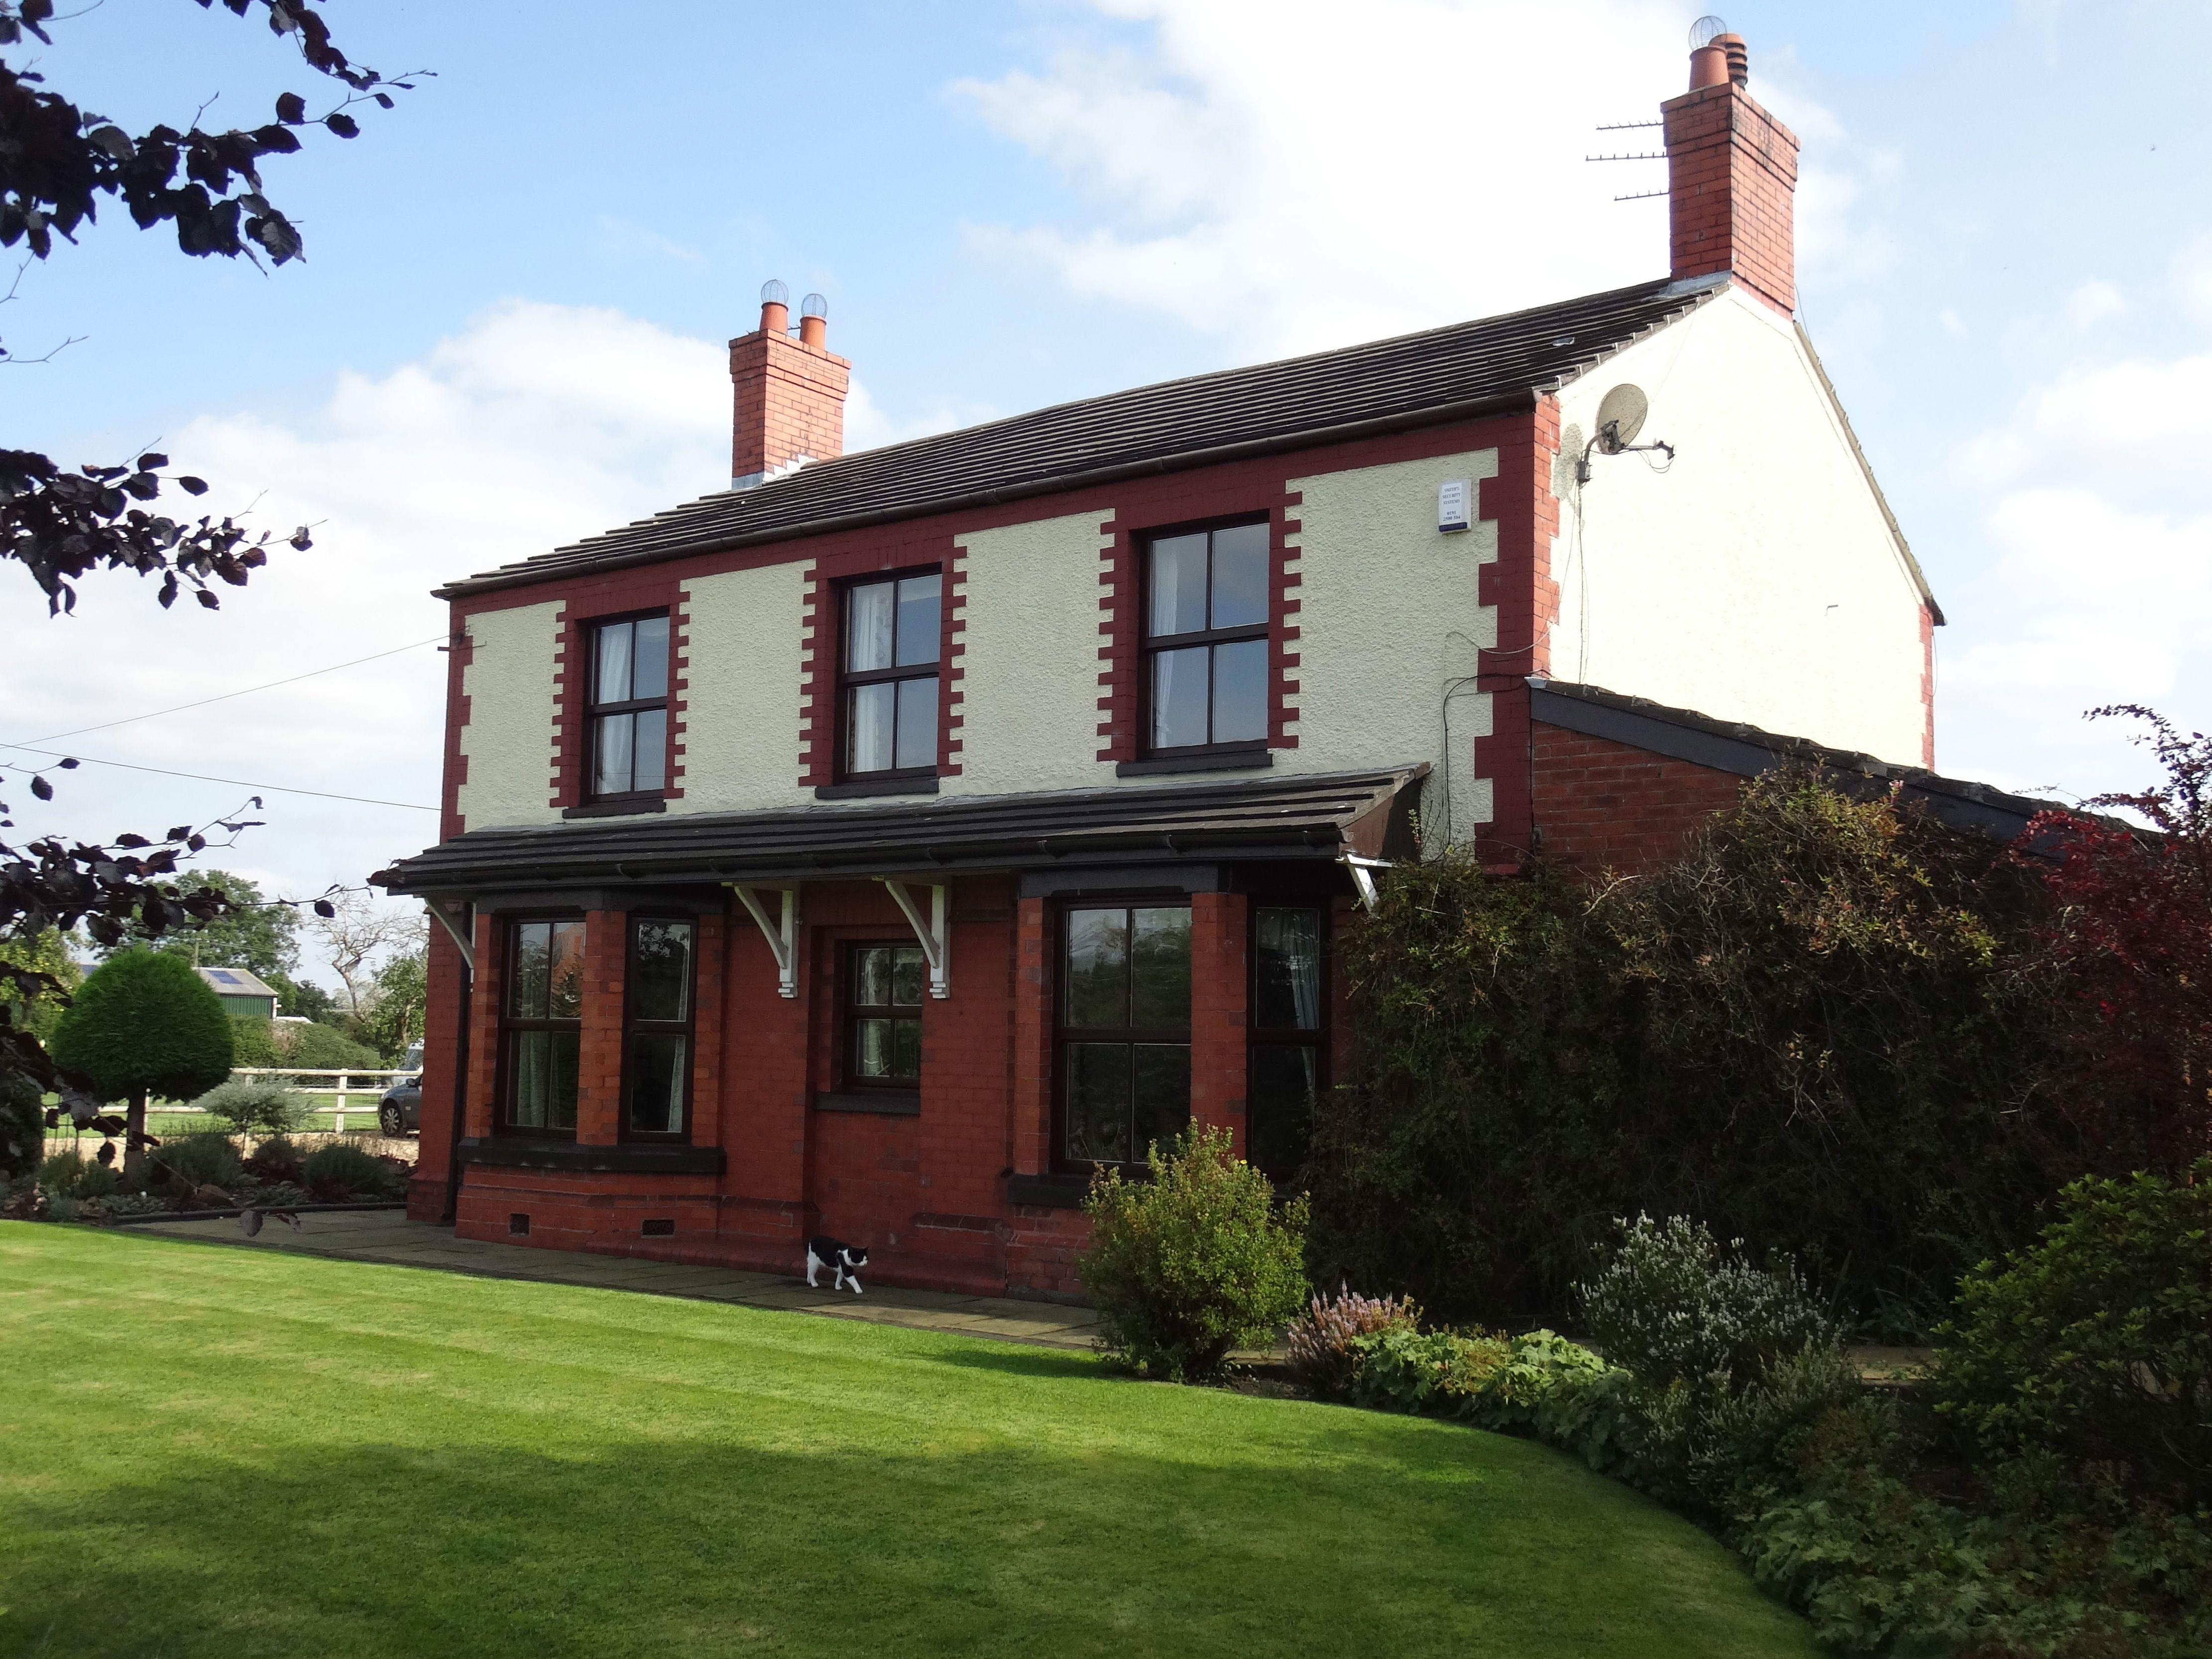 The Poplars - B&B - Northwich - Visit Cheshire